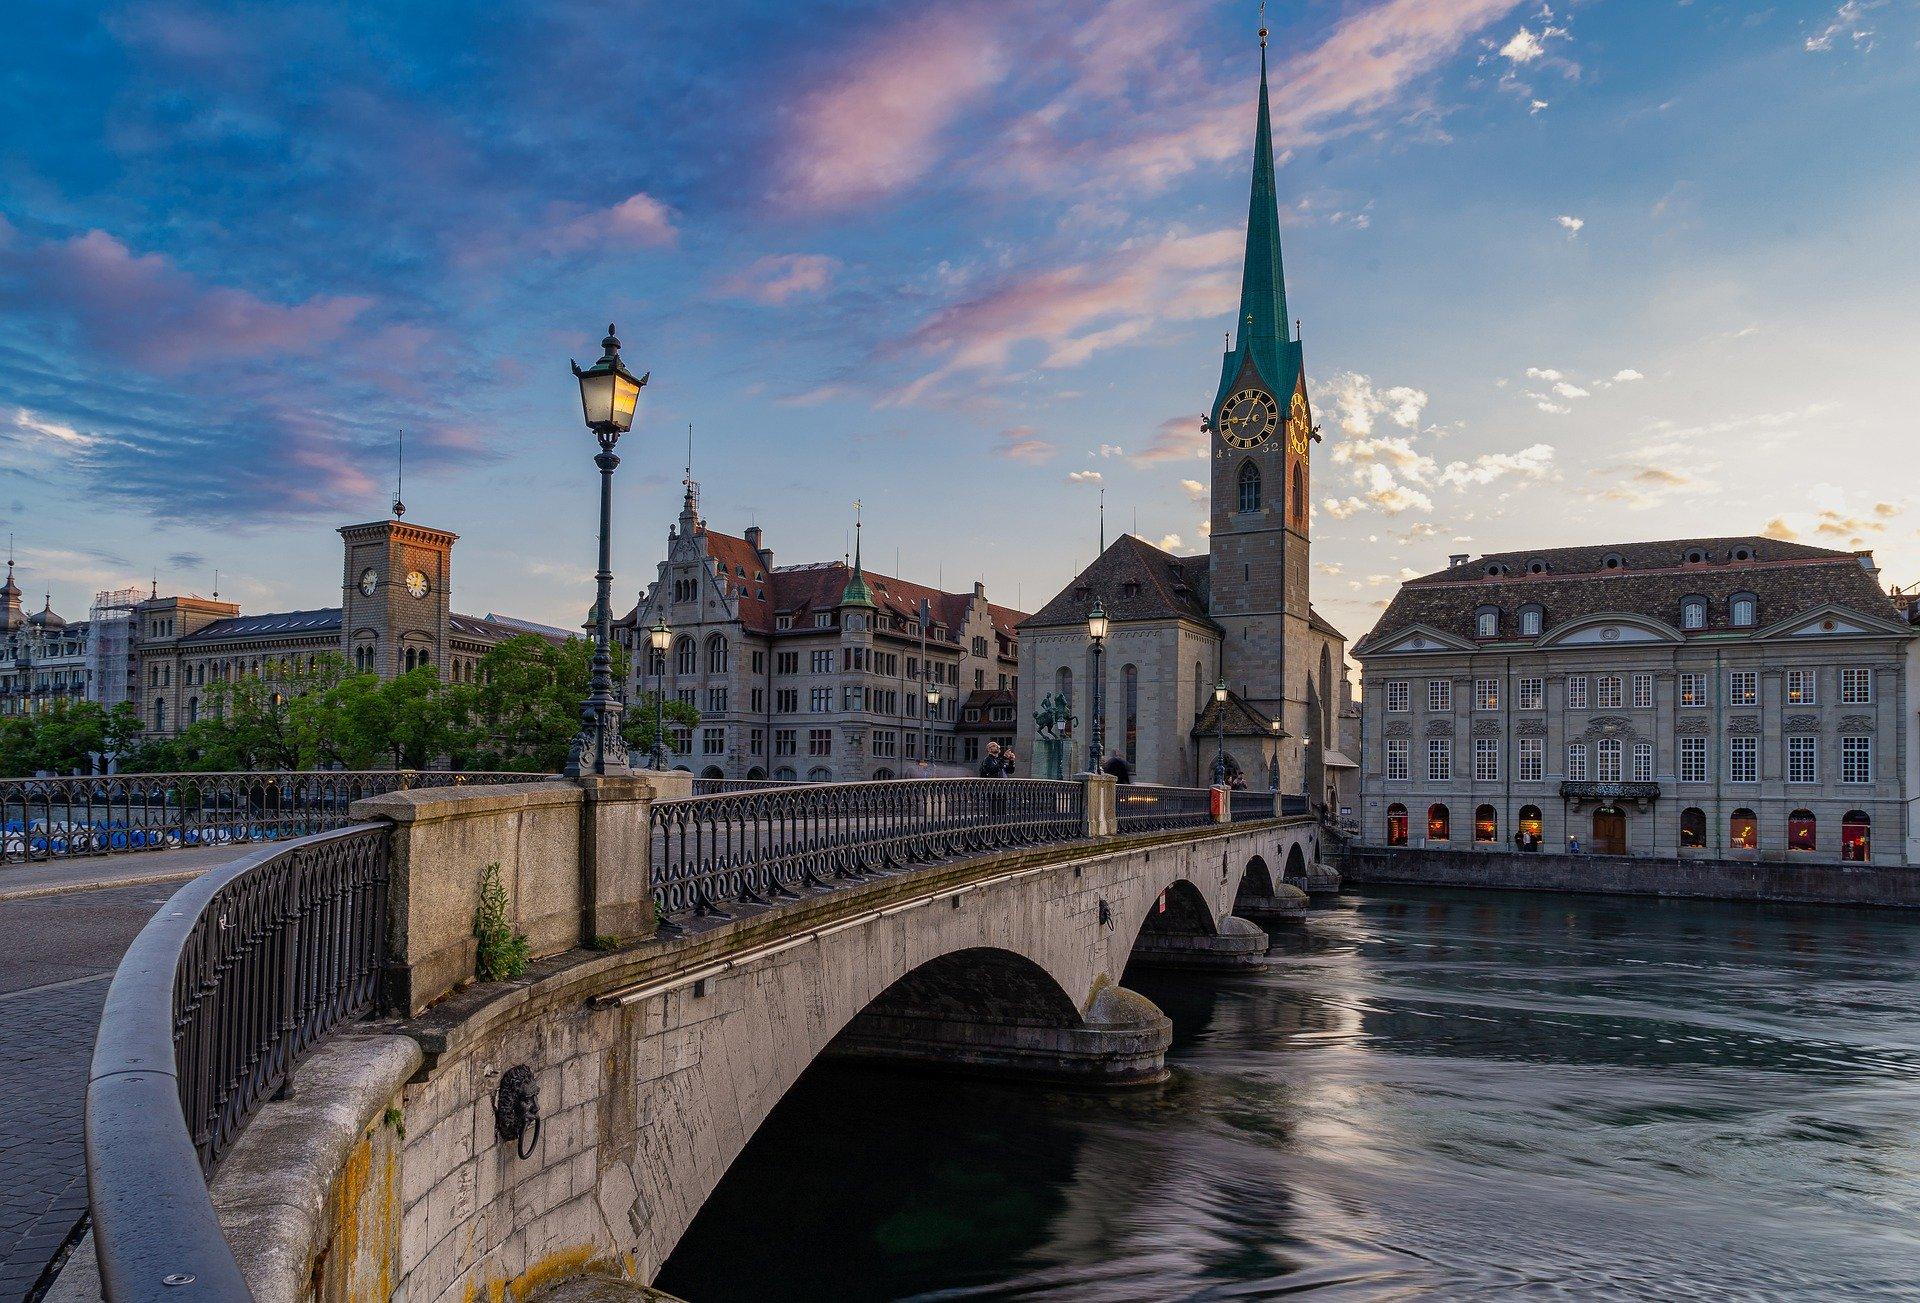 武装中立国の核兵器開発の経緯:スイスとスウェーデン